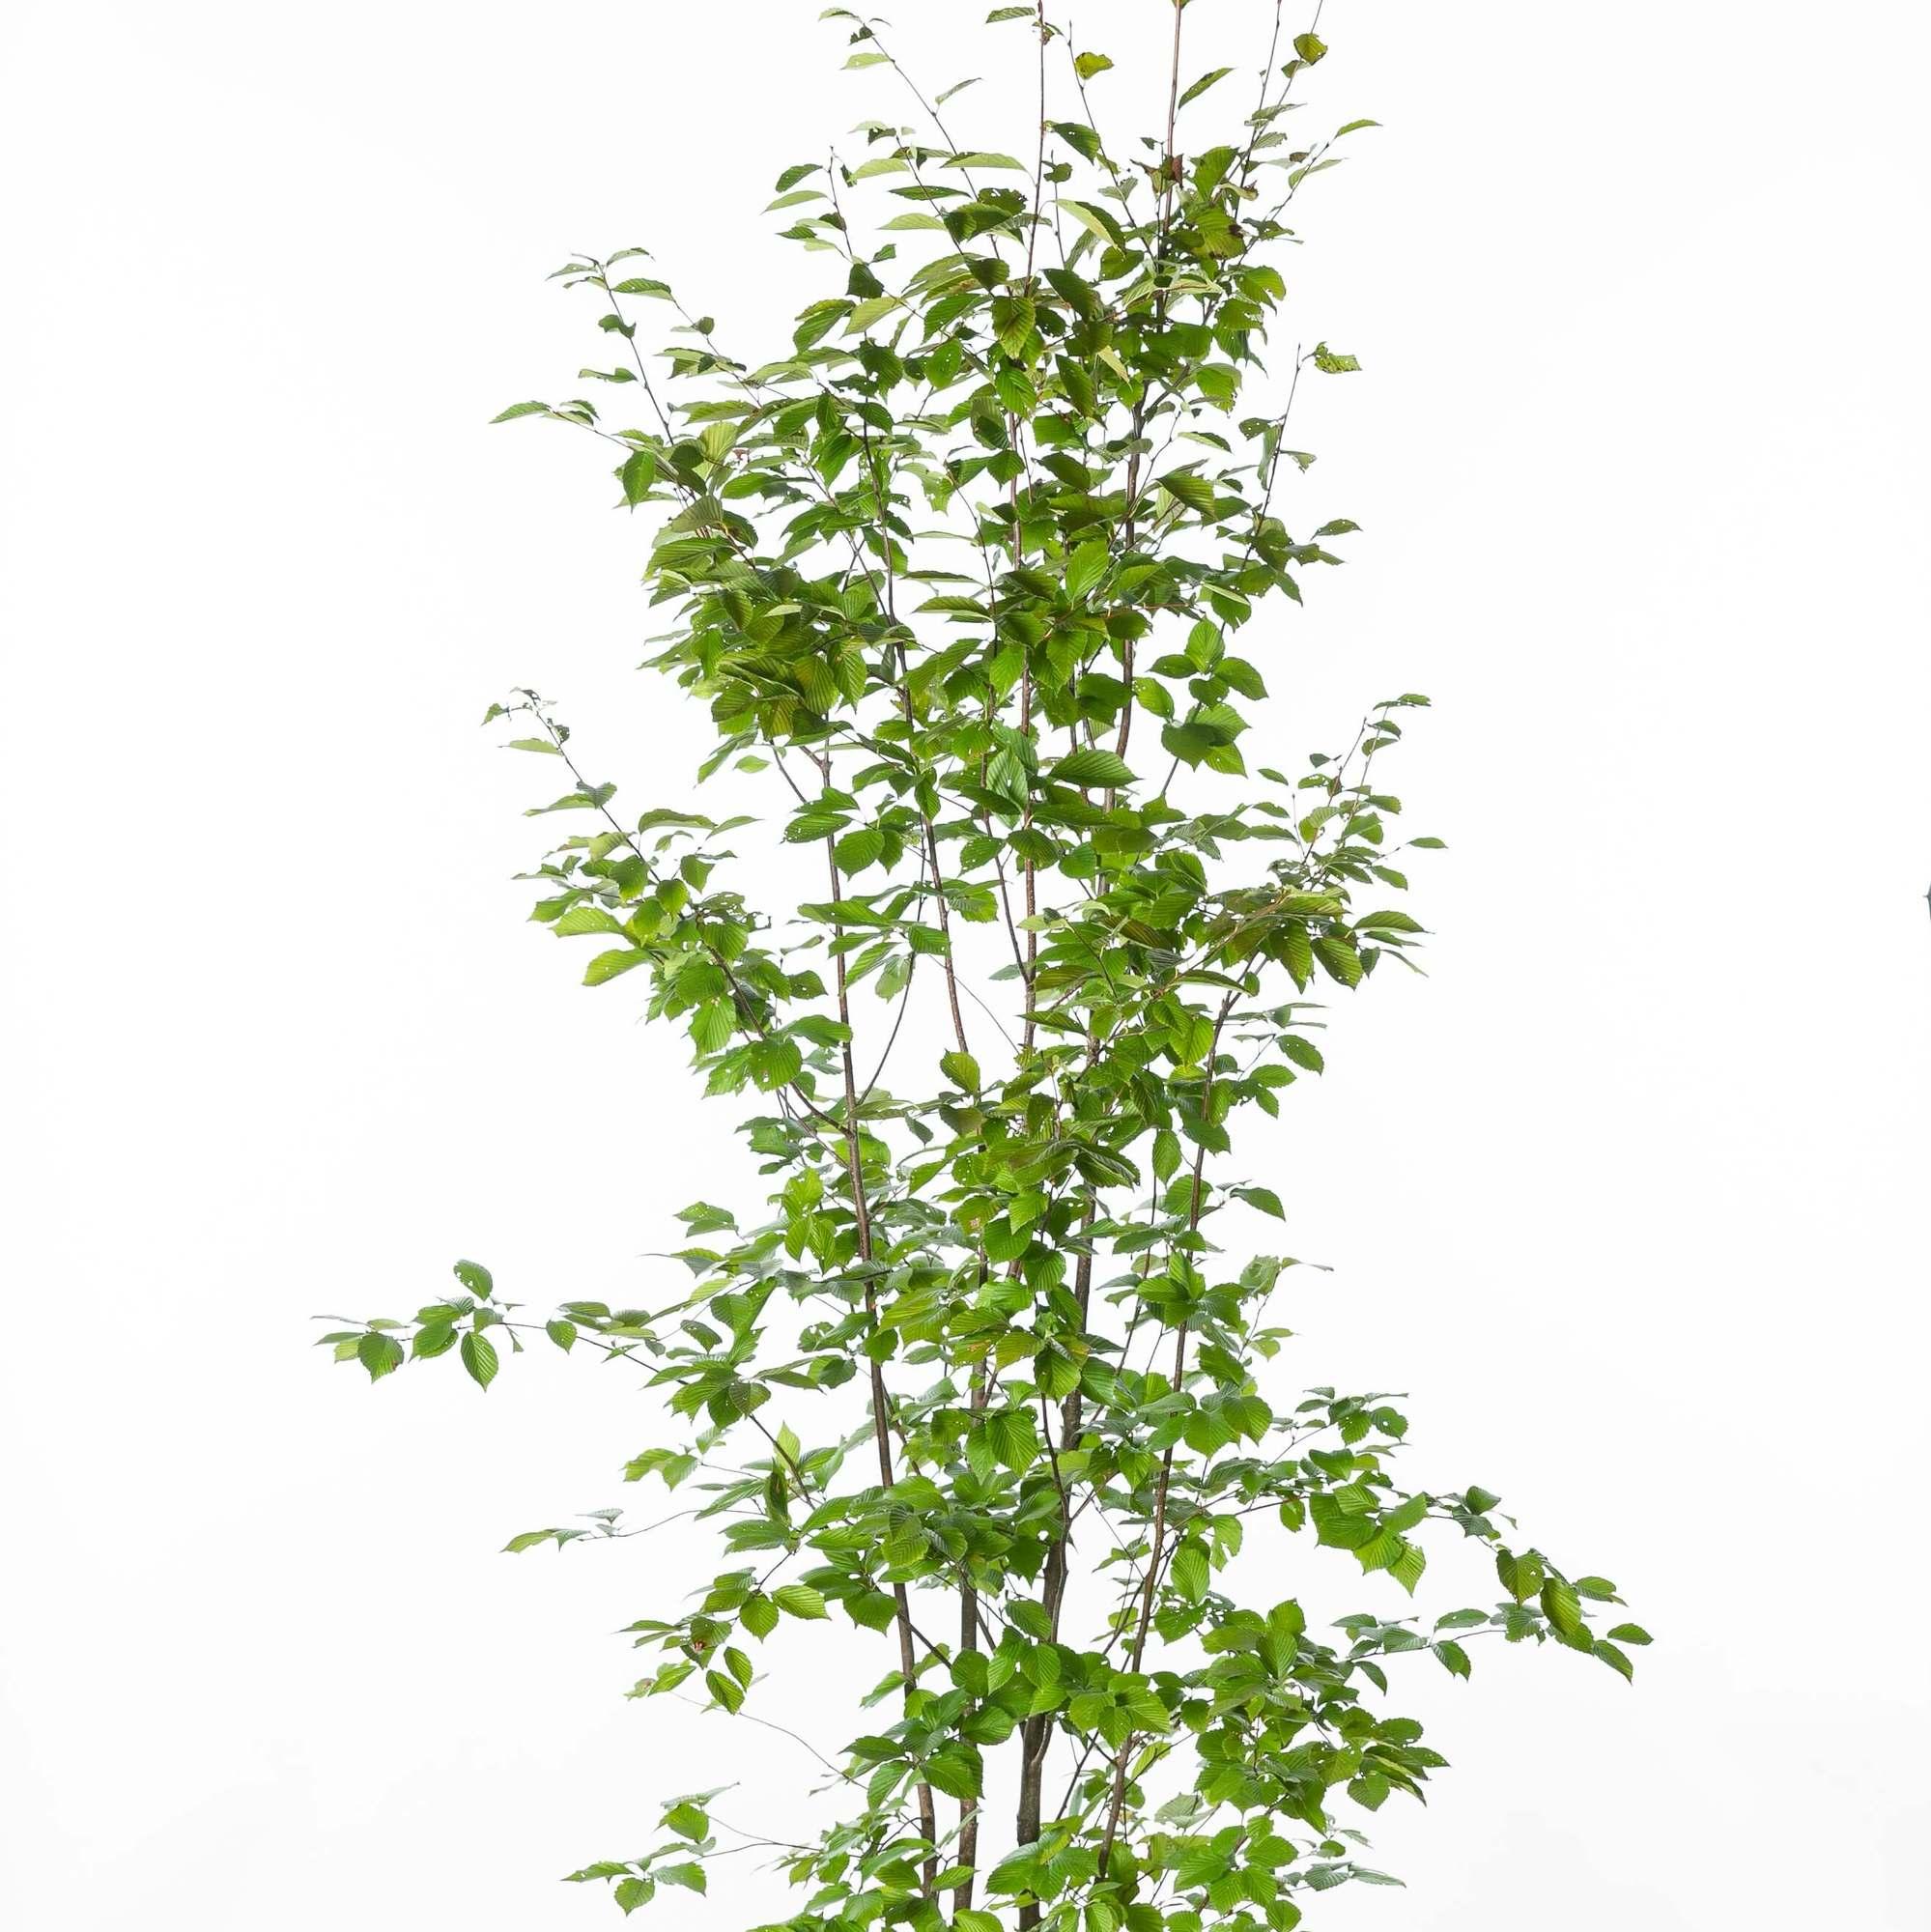 アズキナシ(小豆梨)植栽 お庭 ガーデン